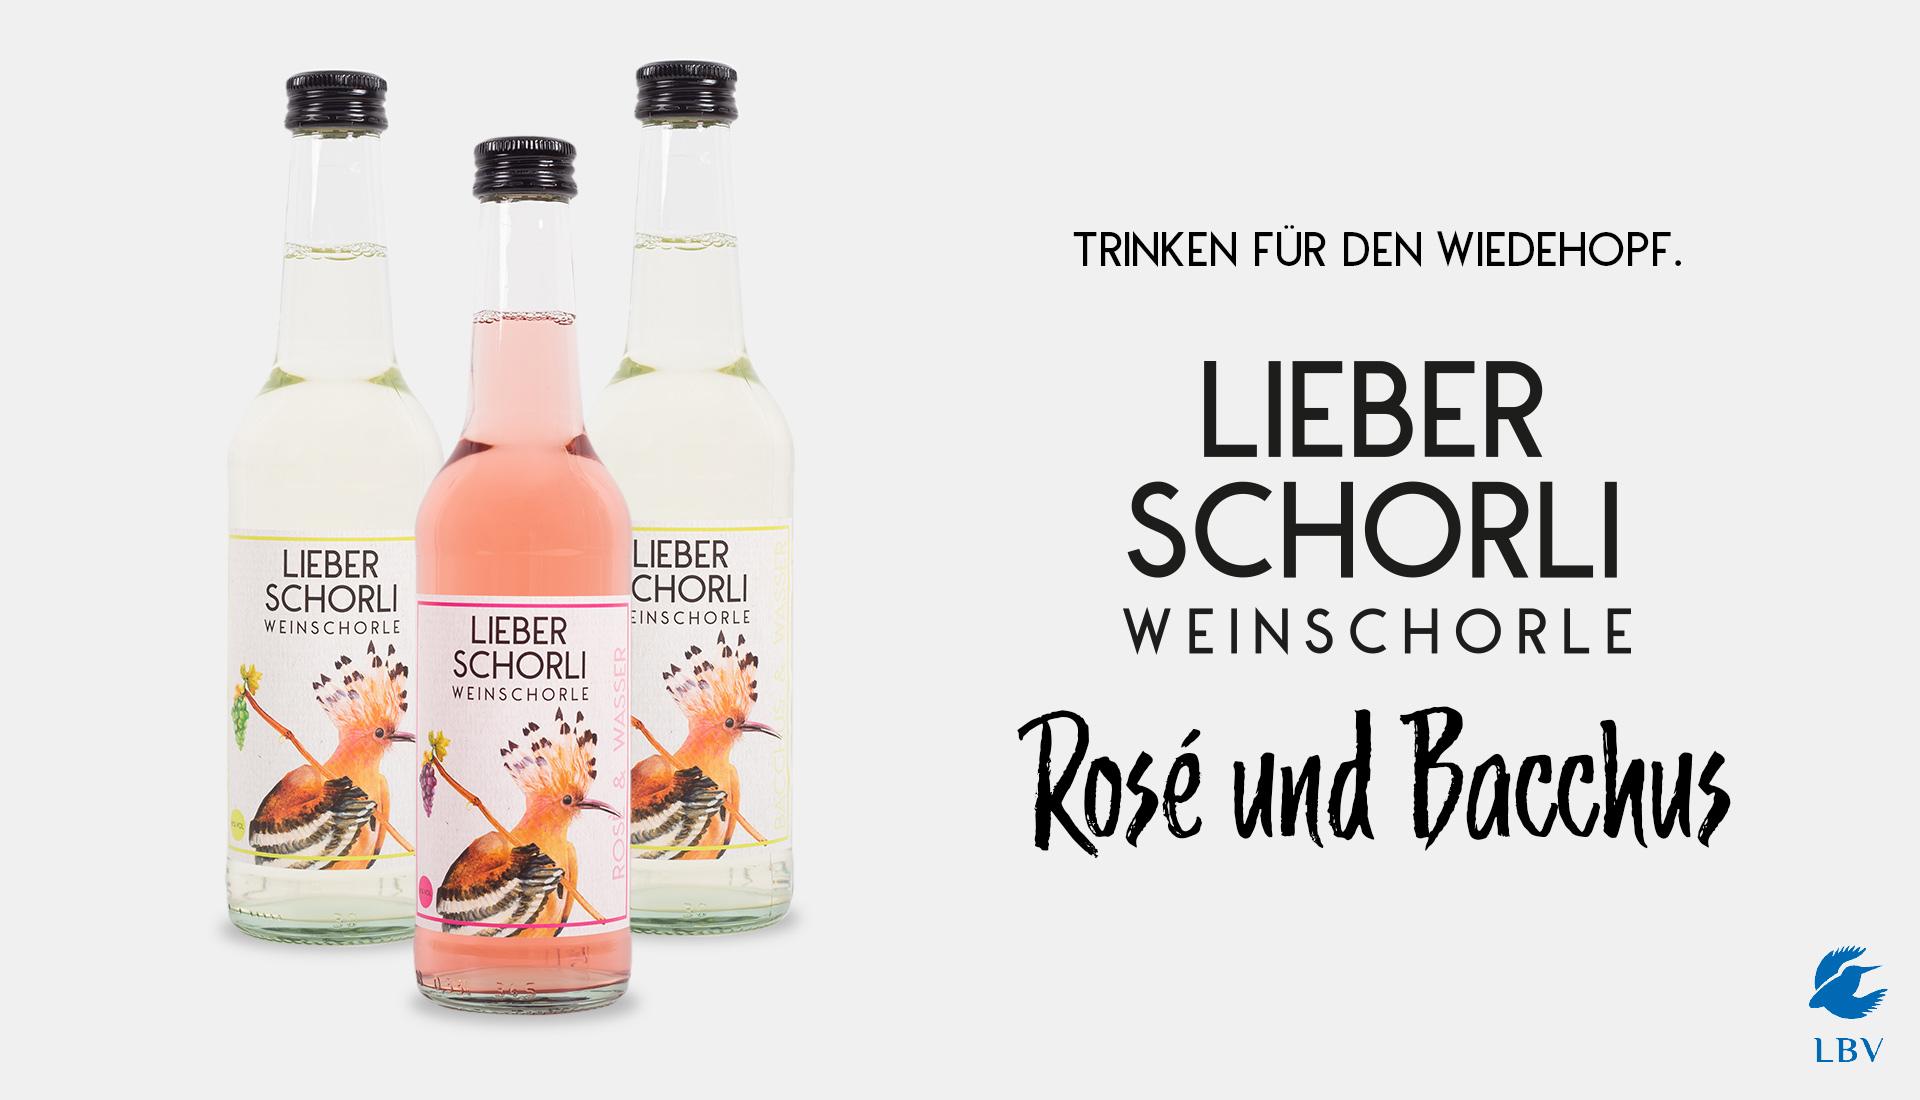 Lieber Schorli - Trinken für den Wiedehopf